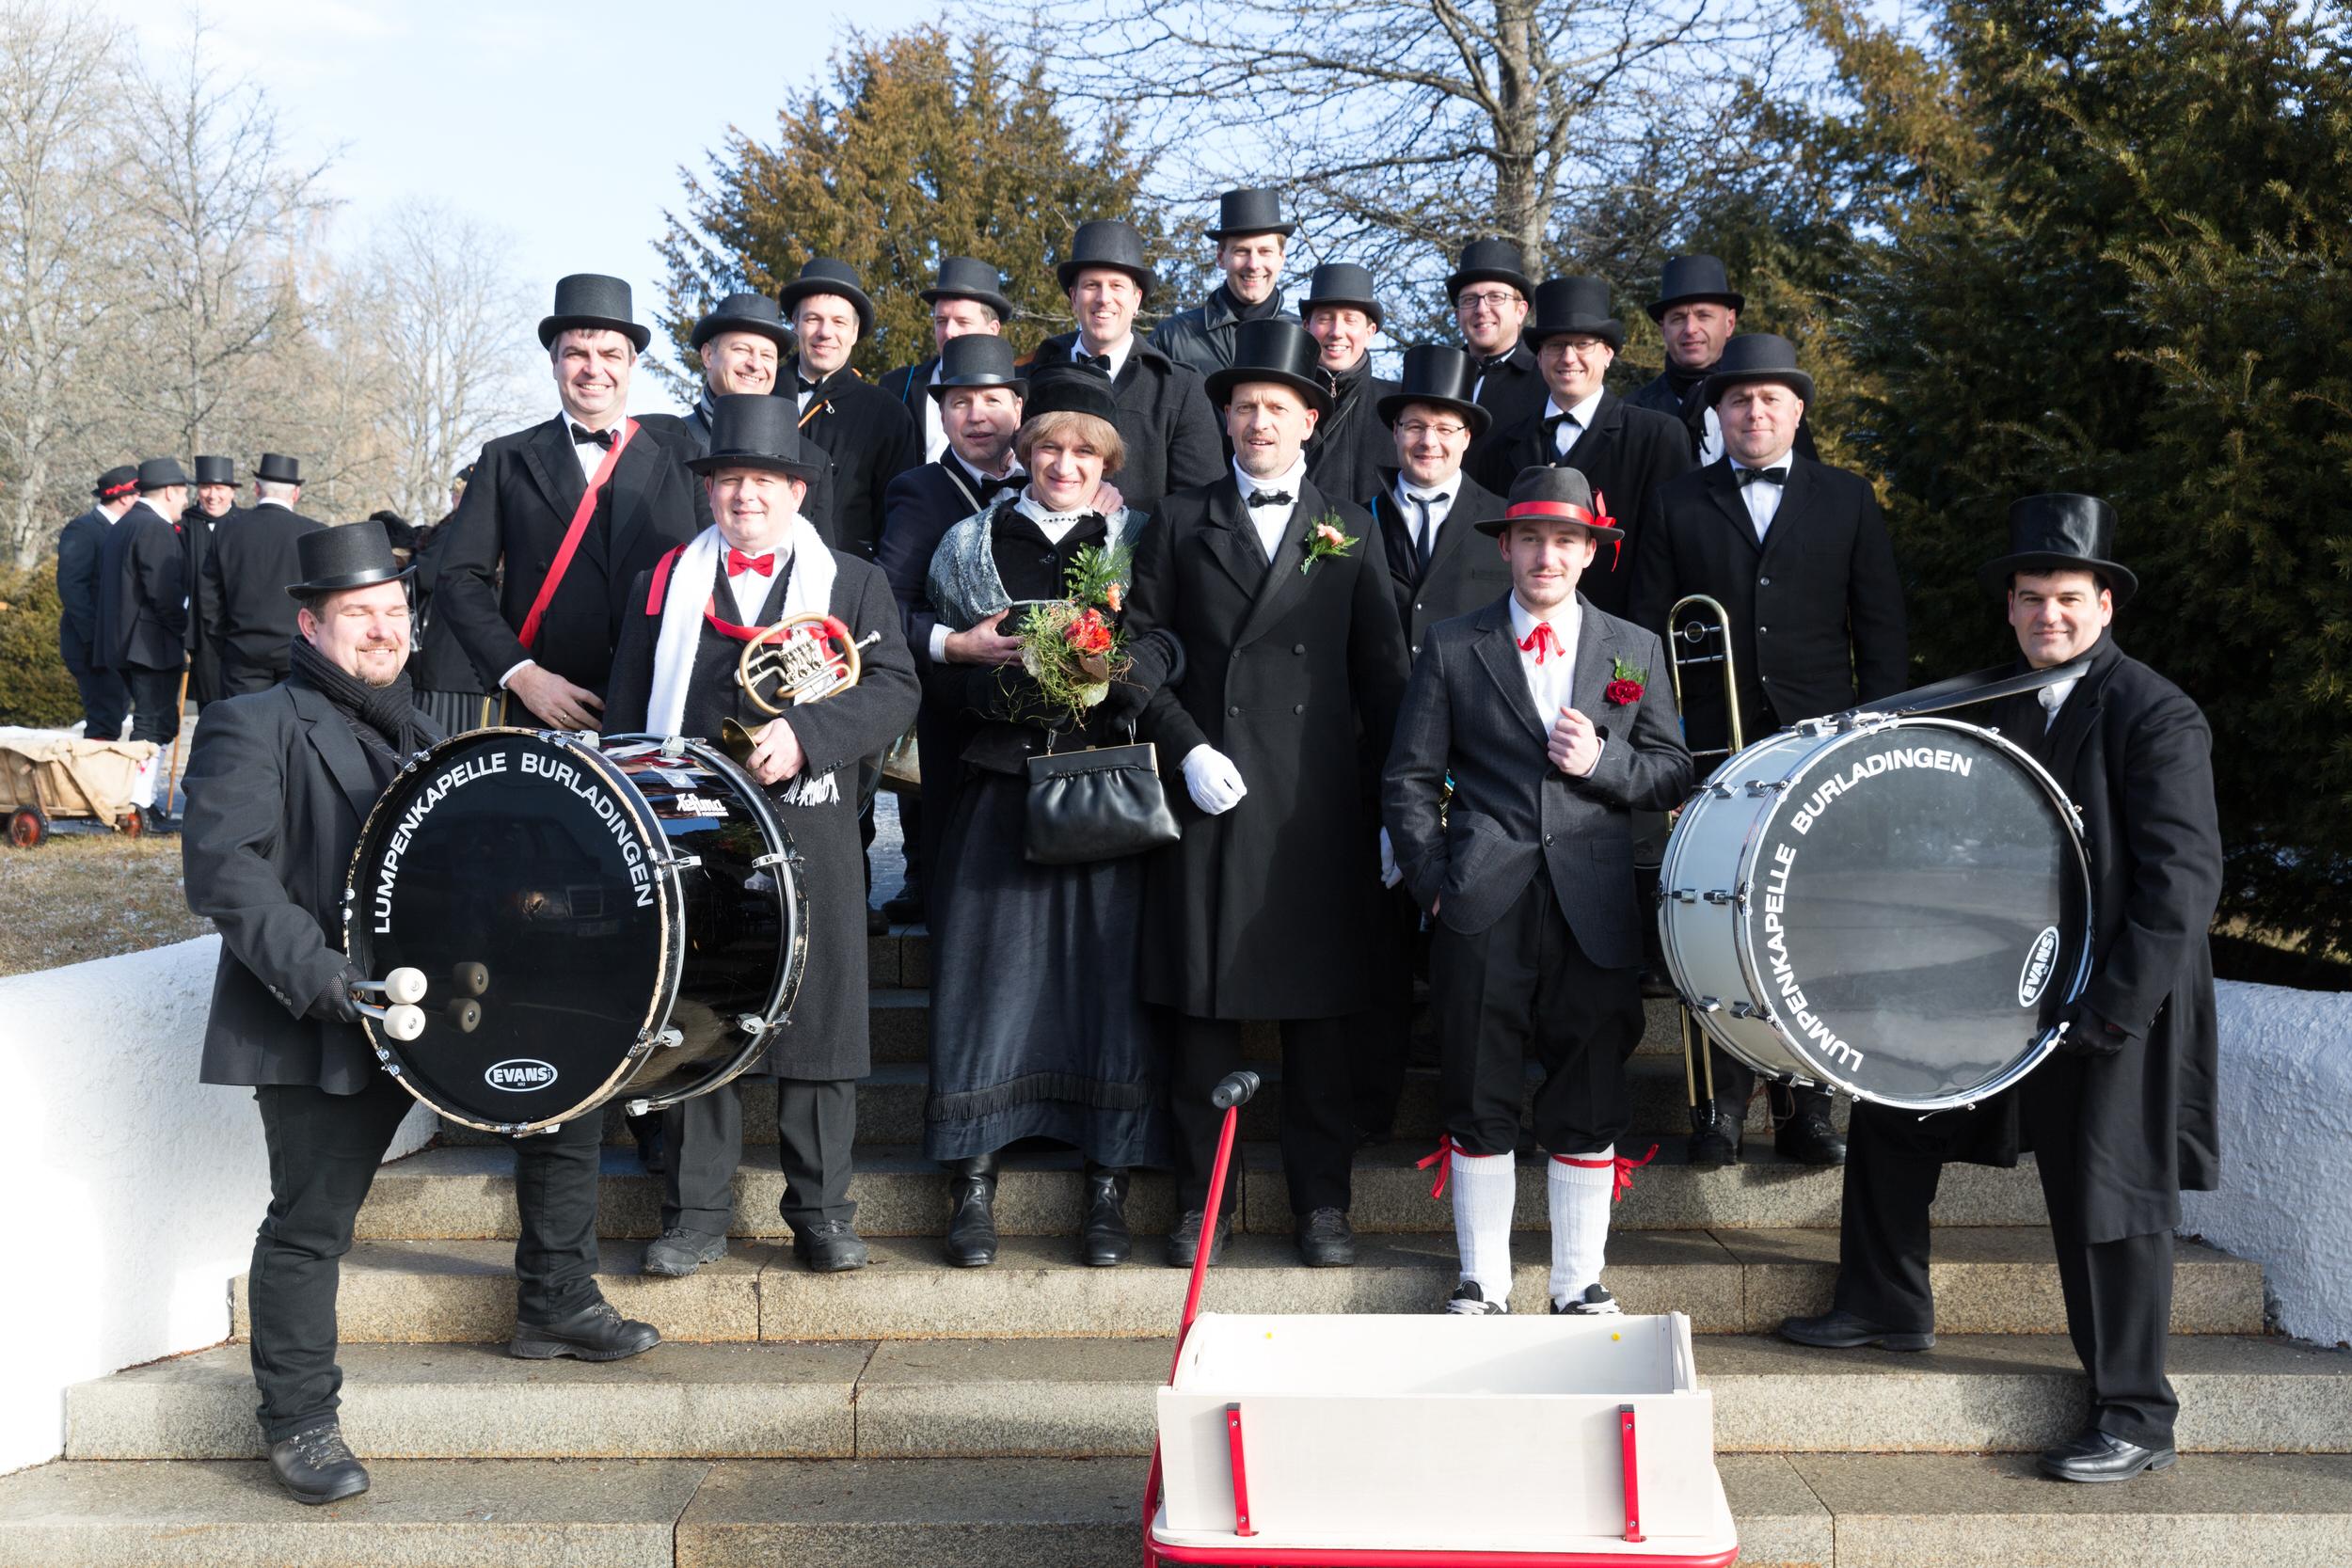 Typische Gruppe Hochzeitslader mit Braut, Bräutigam, Kassenbuben und Kapelle des Fasnetsspiels Burladingen.